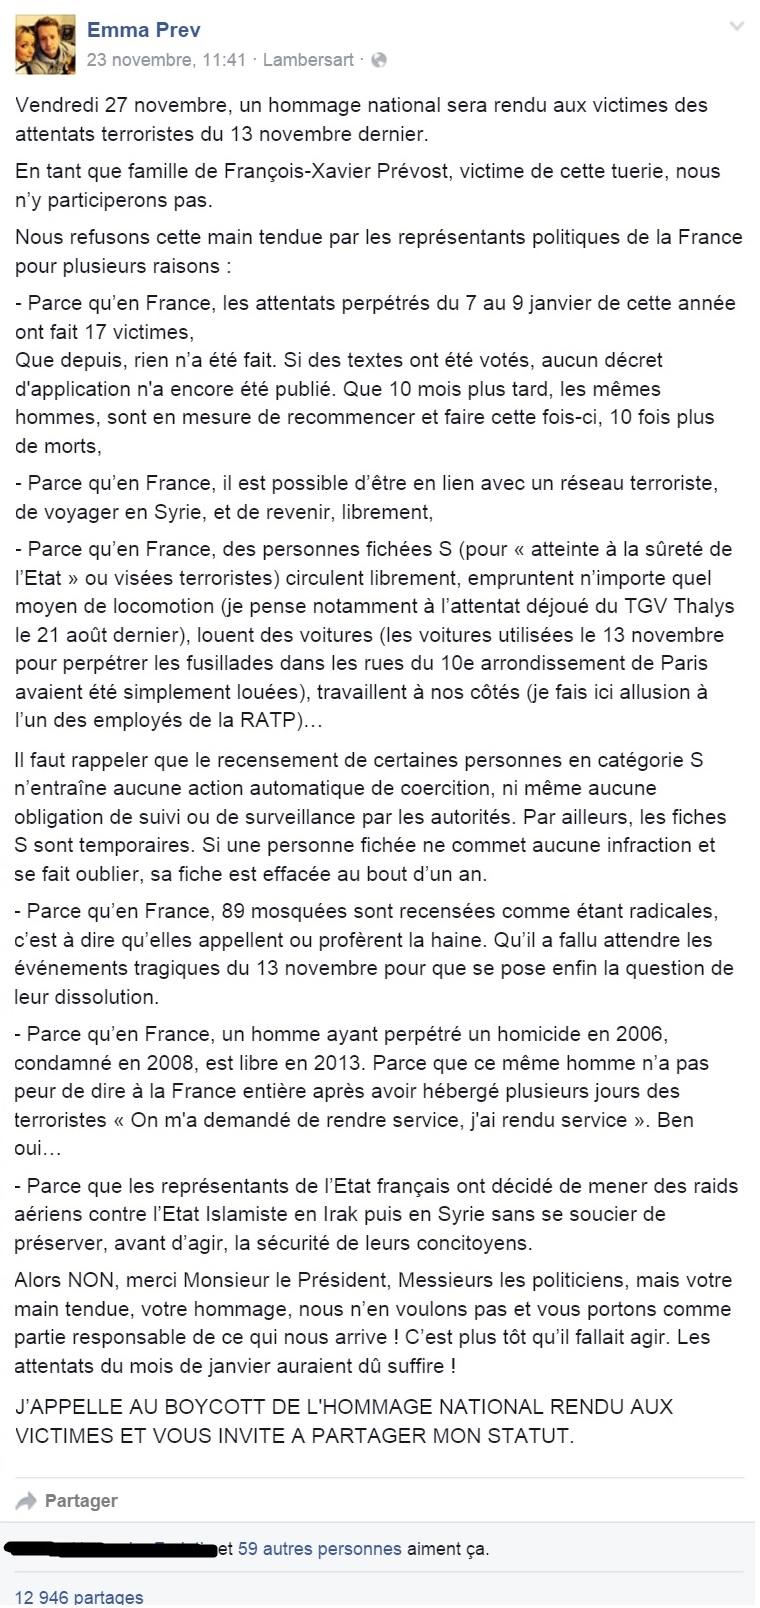 La sœur d'une victime du Bataclan refuse l'invitation de François Hollande qu'elle juge responsable